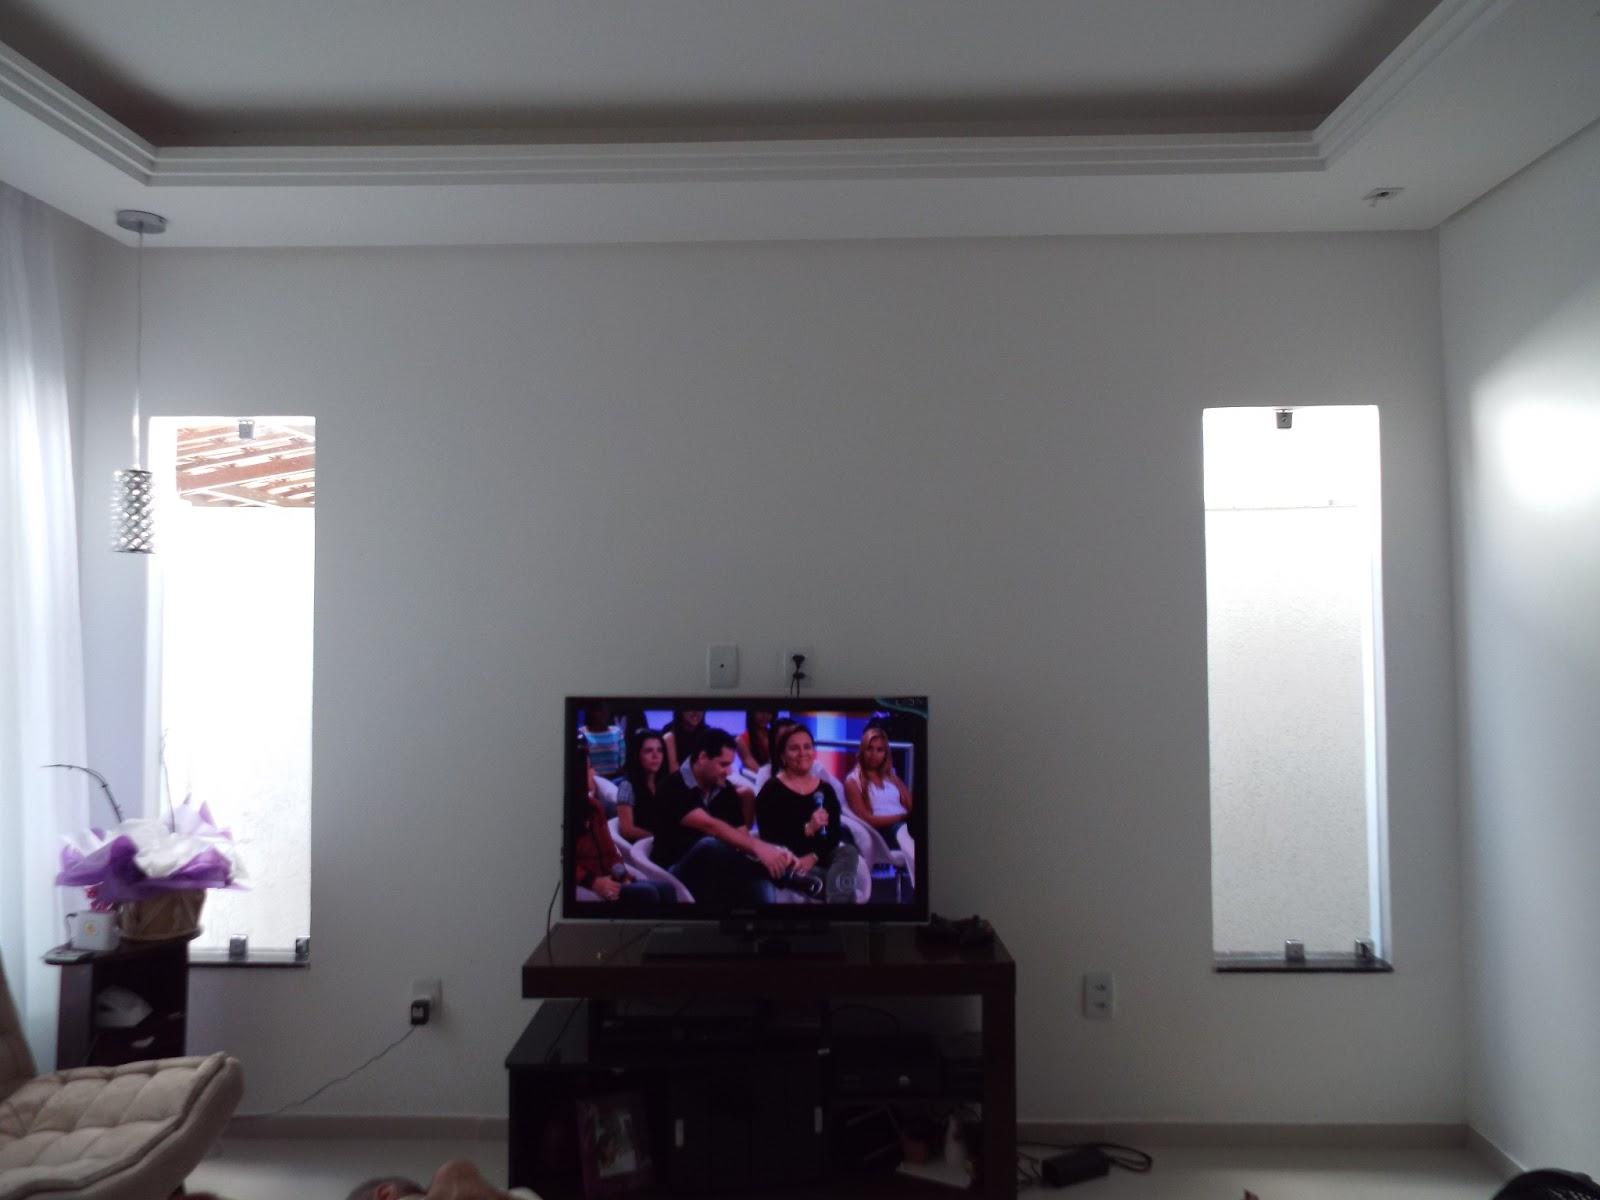 #874444 Será que seria melhor colocar só papel de parede ao invés do painel  1600x1200 px sonhar banheiro grande